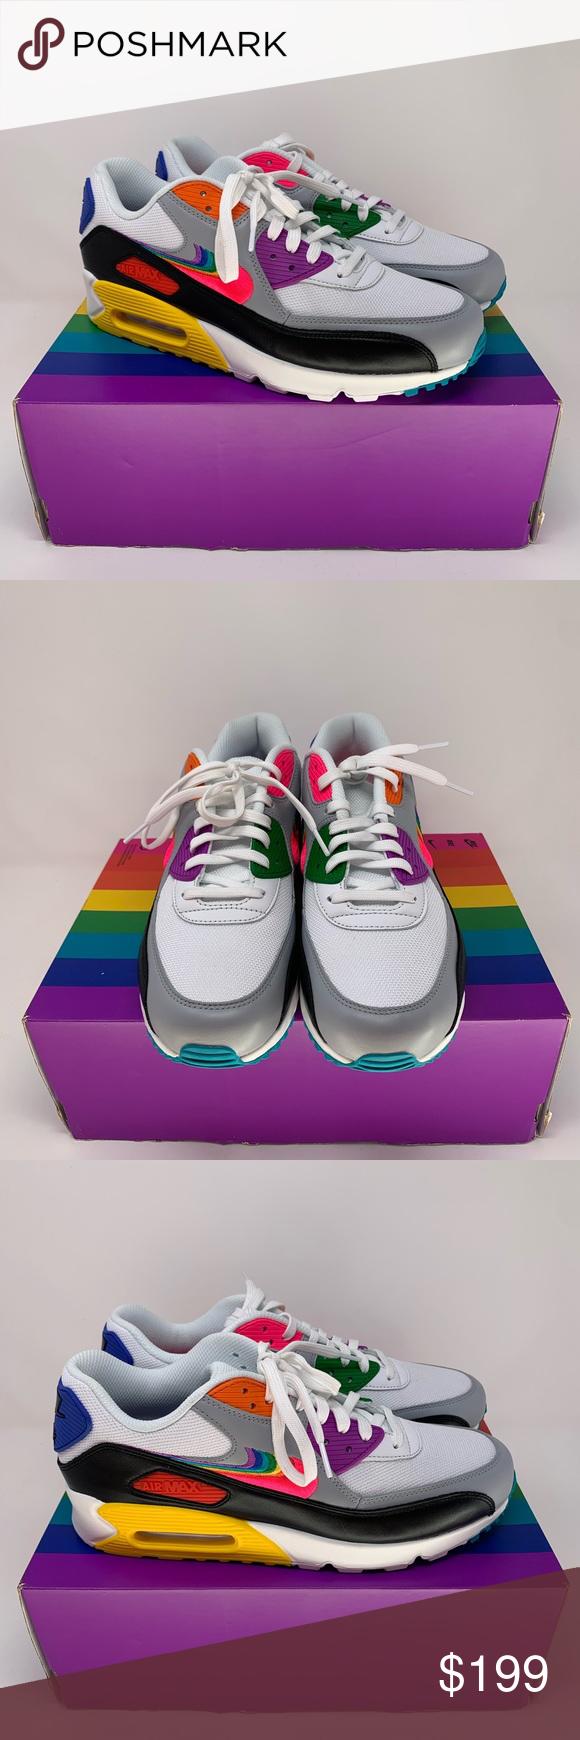 """New Nike Air Max 90 """"Be True"""" LGBTQ"""